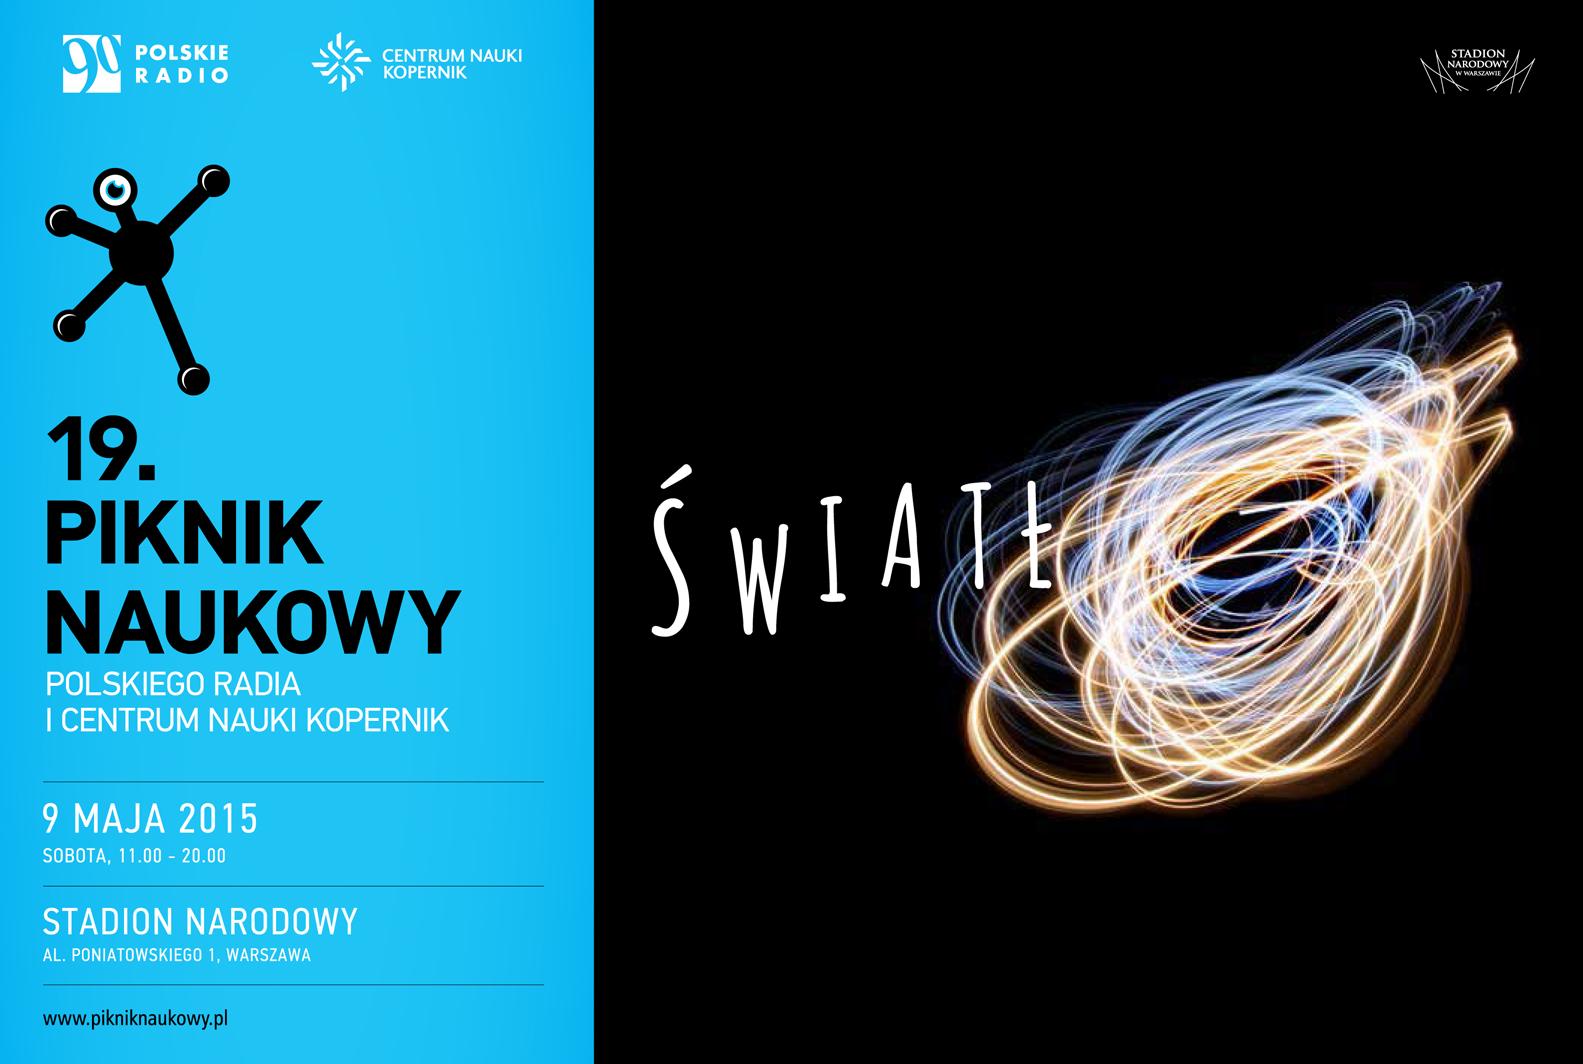 19 Piknik Naukowy już 9 maja w Warszawie